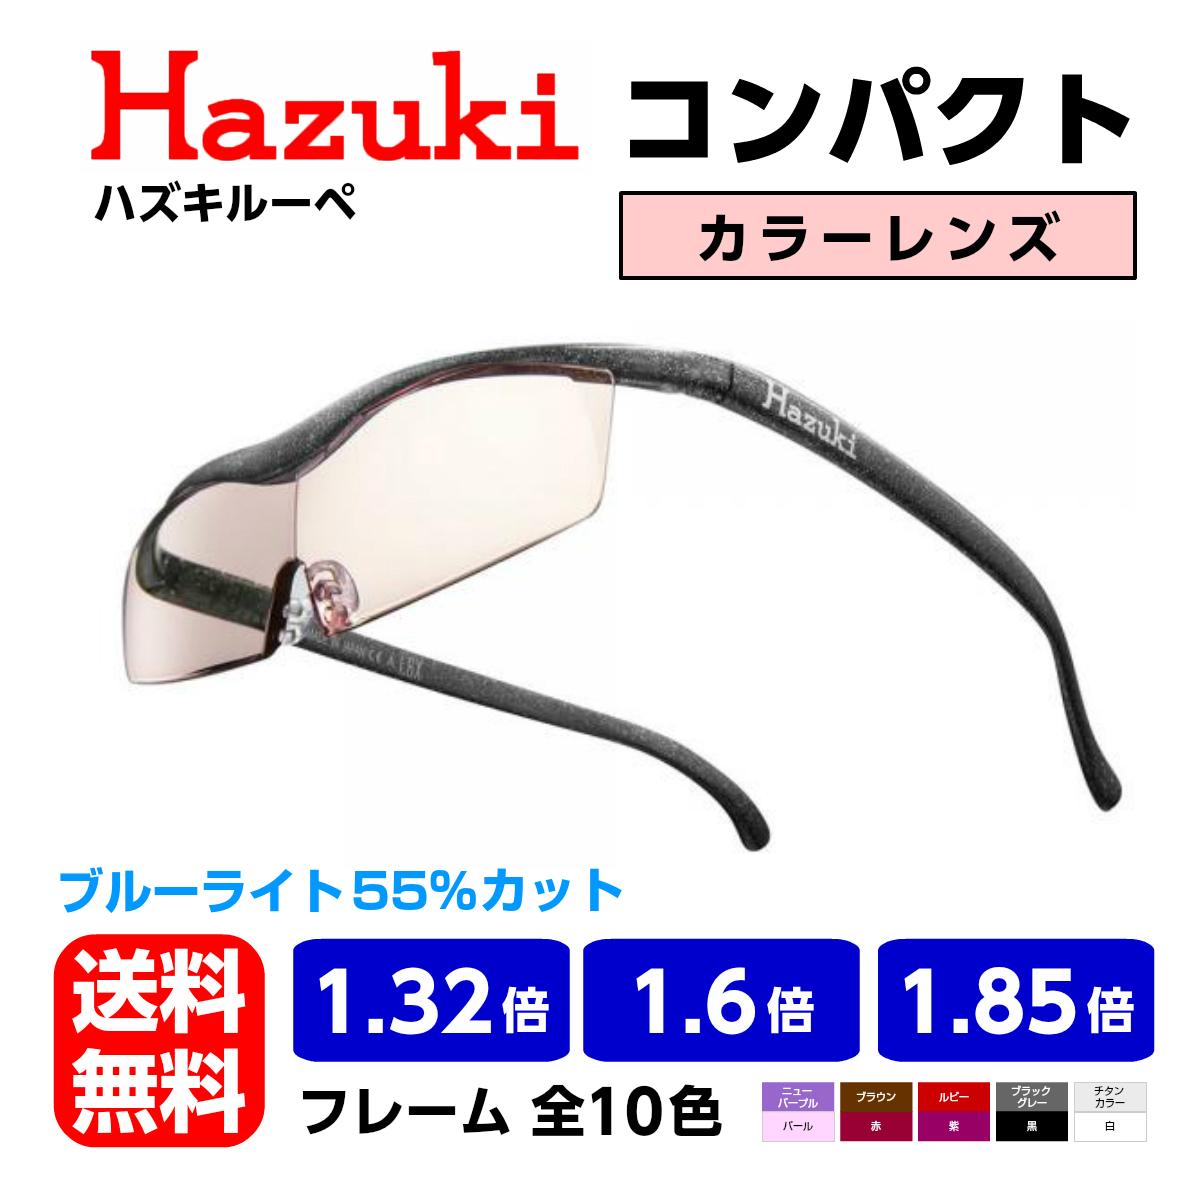 ハズキルーペ コンパクト カラーレンズ 正規品 1.32倍 1.6倍 1.85倍 日本製 拡大鏡 最新モデル 正規 Hazuki 送料無料 プレゼント 父の日 母の日 敬老の日